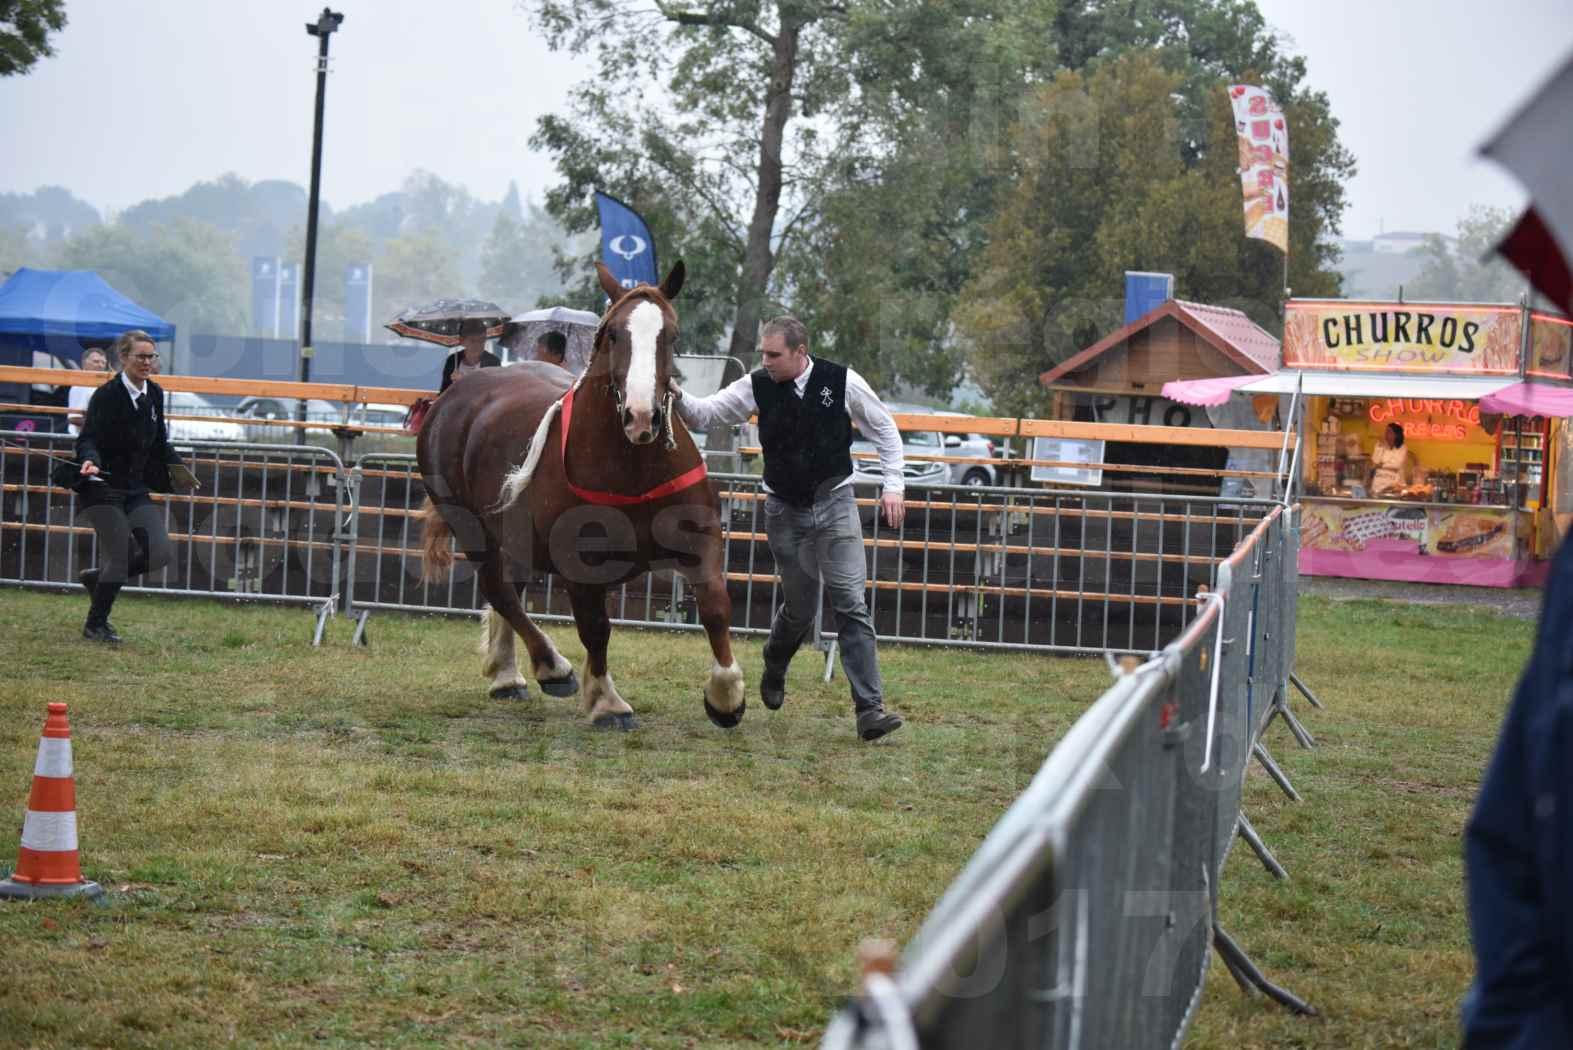 Concours Régional de chevaux de traits en 2017 - Pouliche trait BRETON - EDEN DE LA MOTTE - 36